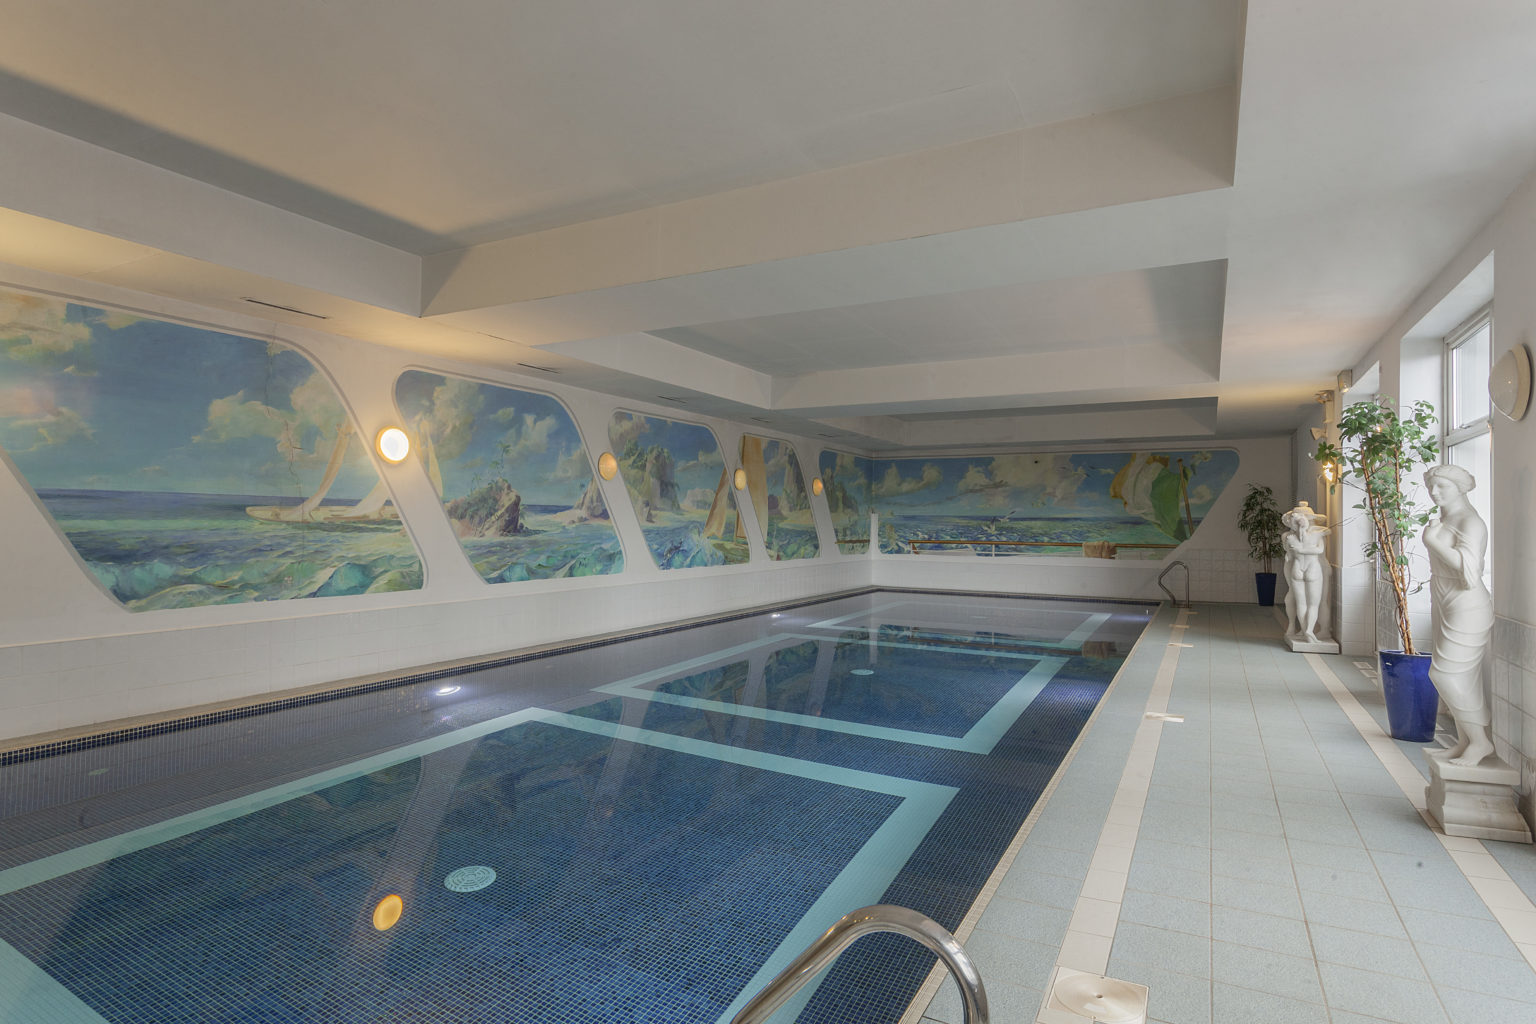 Randles Hotel Pool